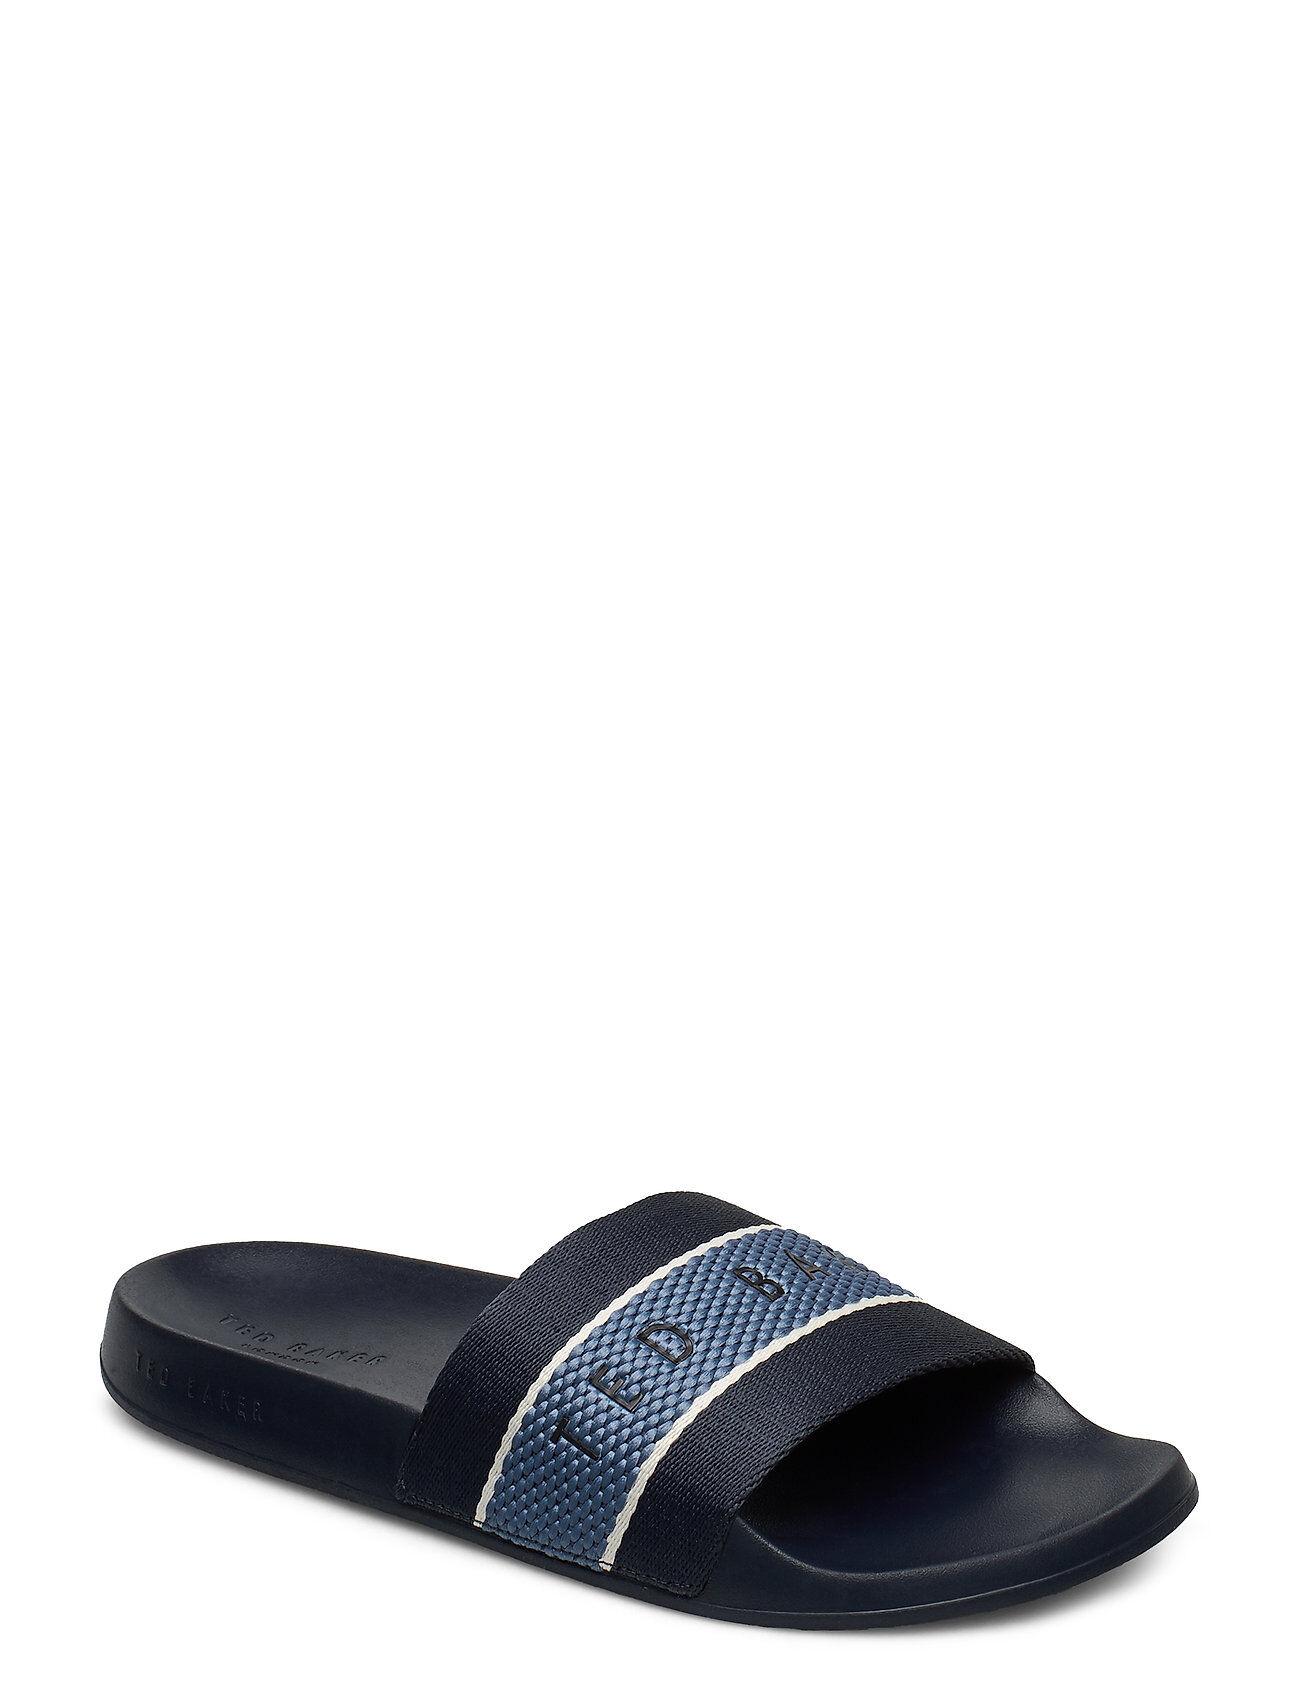 Ted Baker Rastar Shoes Summer Shoes Pool Sliders Sininen Ted Baker